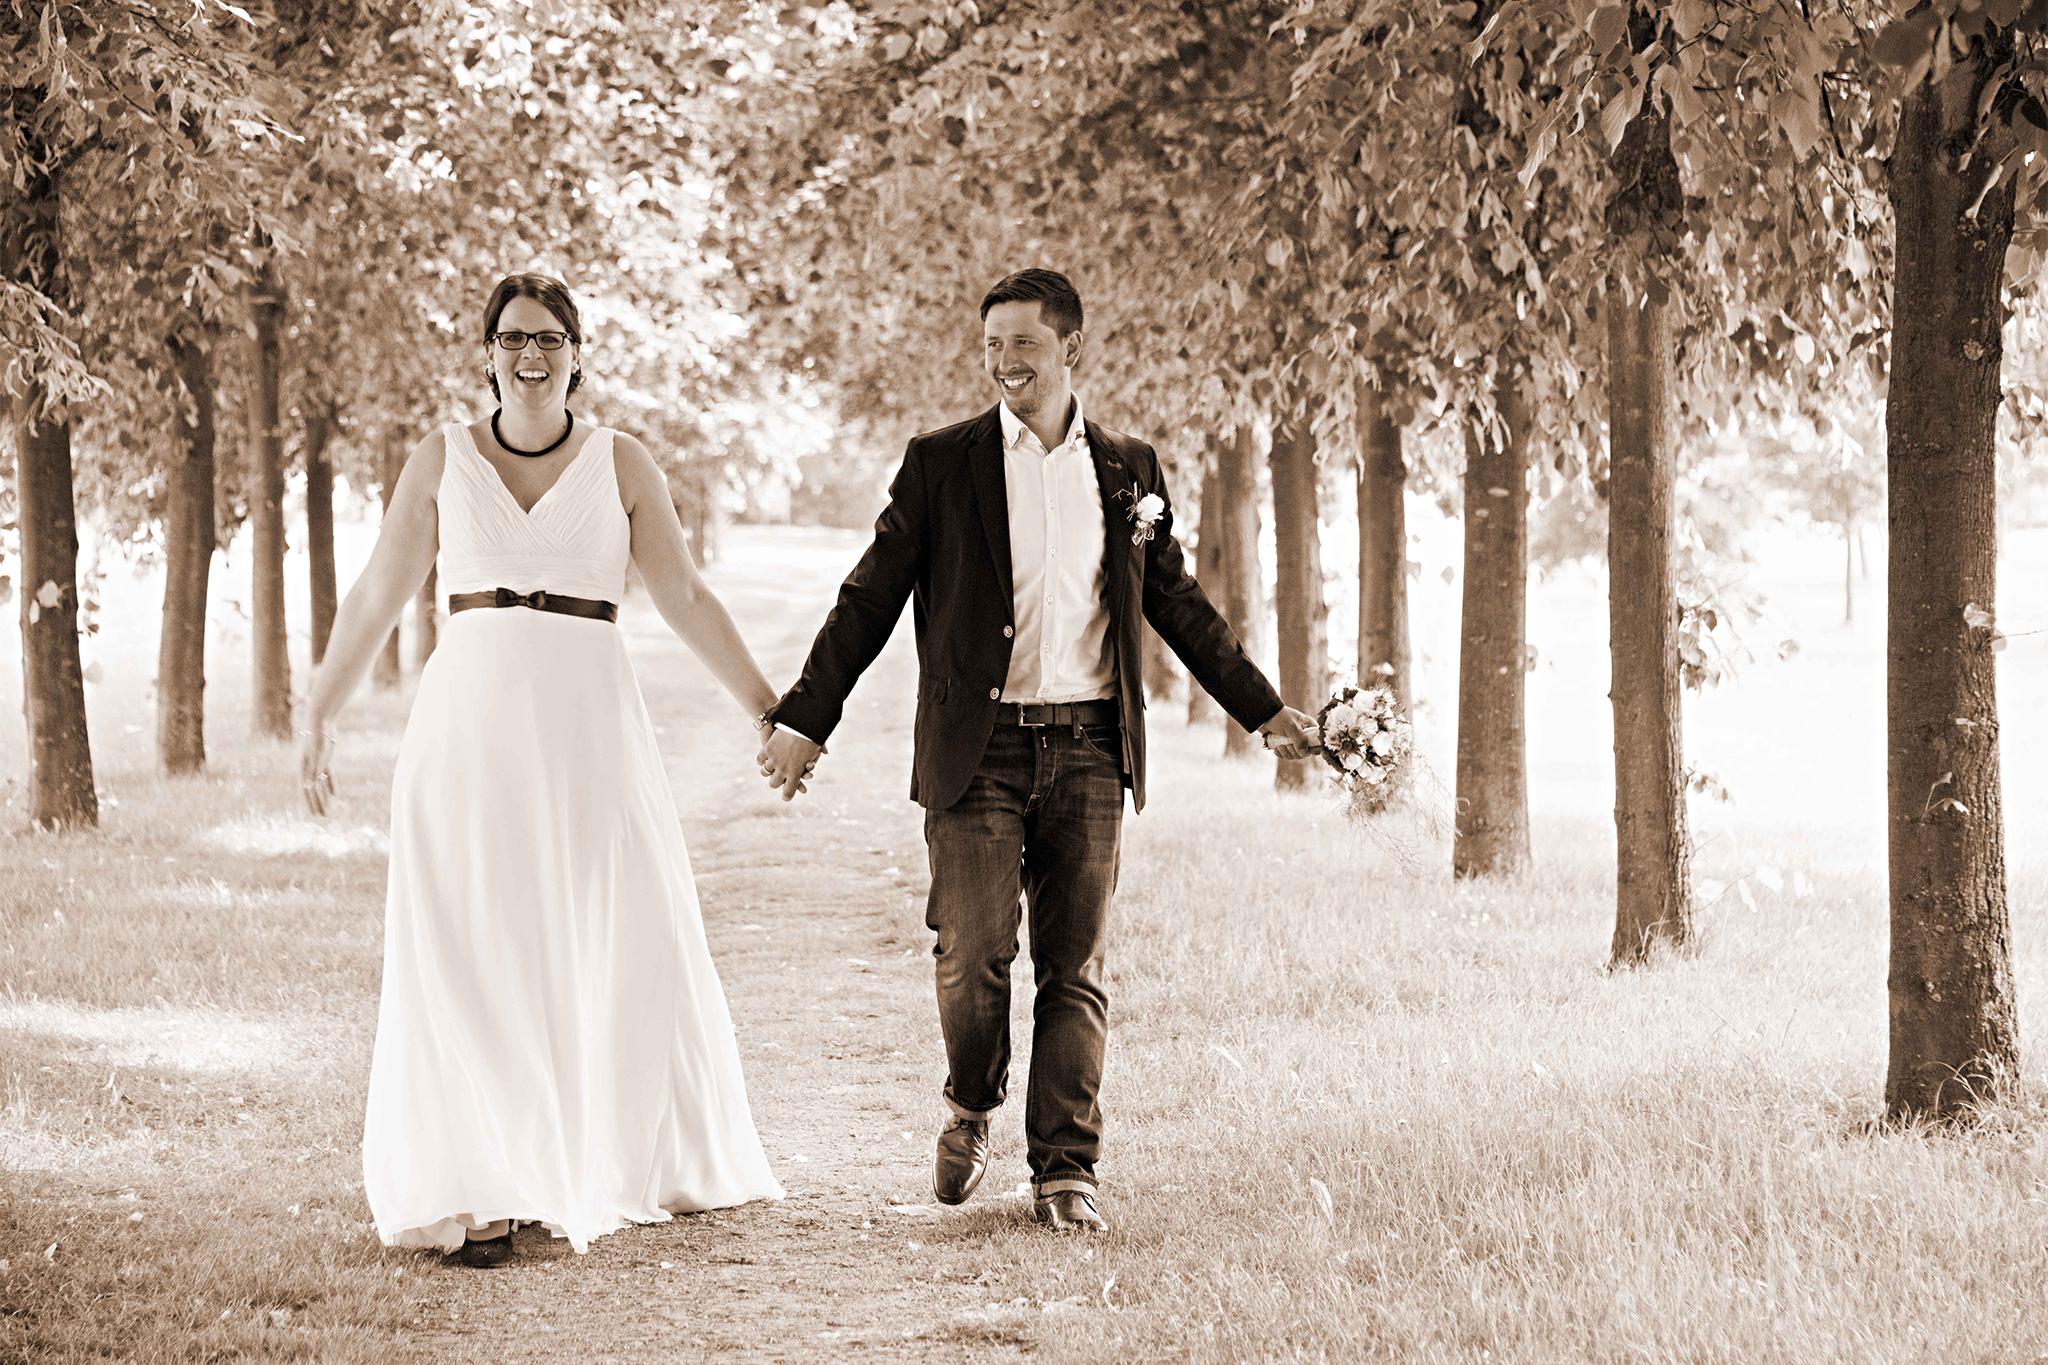 Brautpaar spaziert auf ihrer Hochzeit durch eine Baumallee